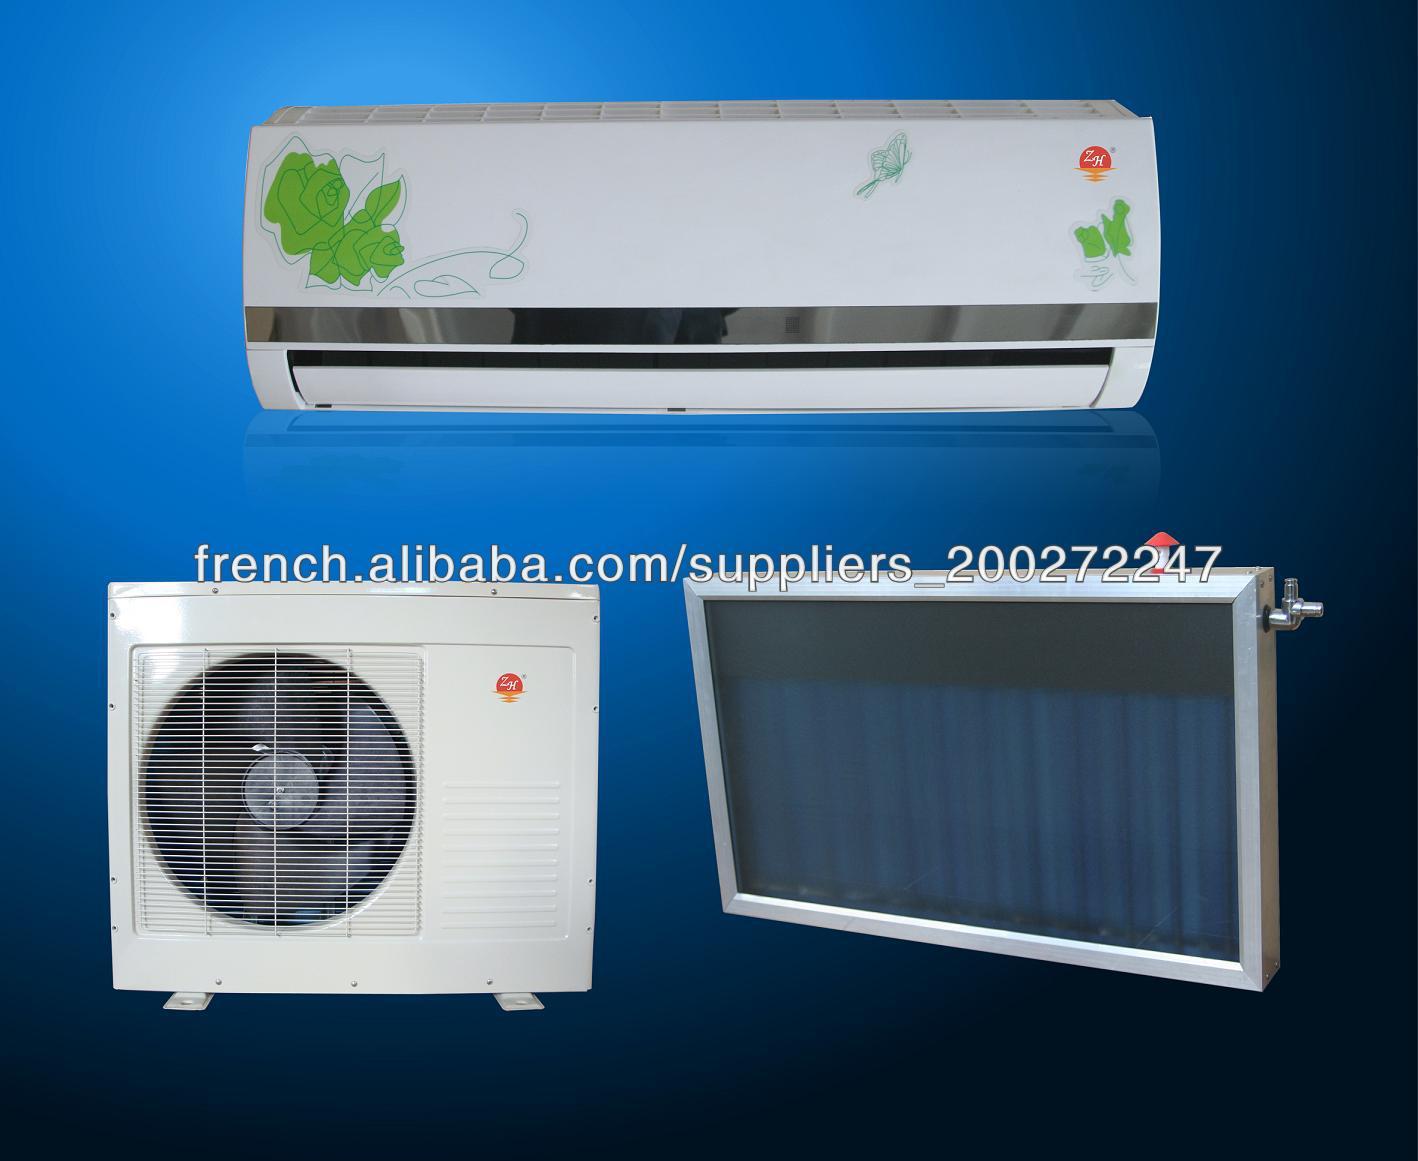 plaque plane climatiseur nergie solaire climatisation id de produit 500002049253. Black Bedroom Furniture Sets. Home Design Ideas